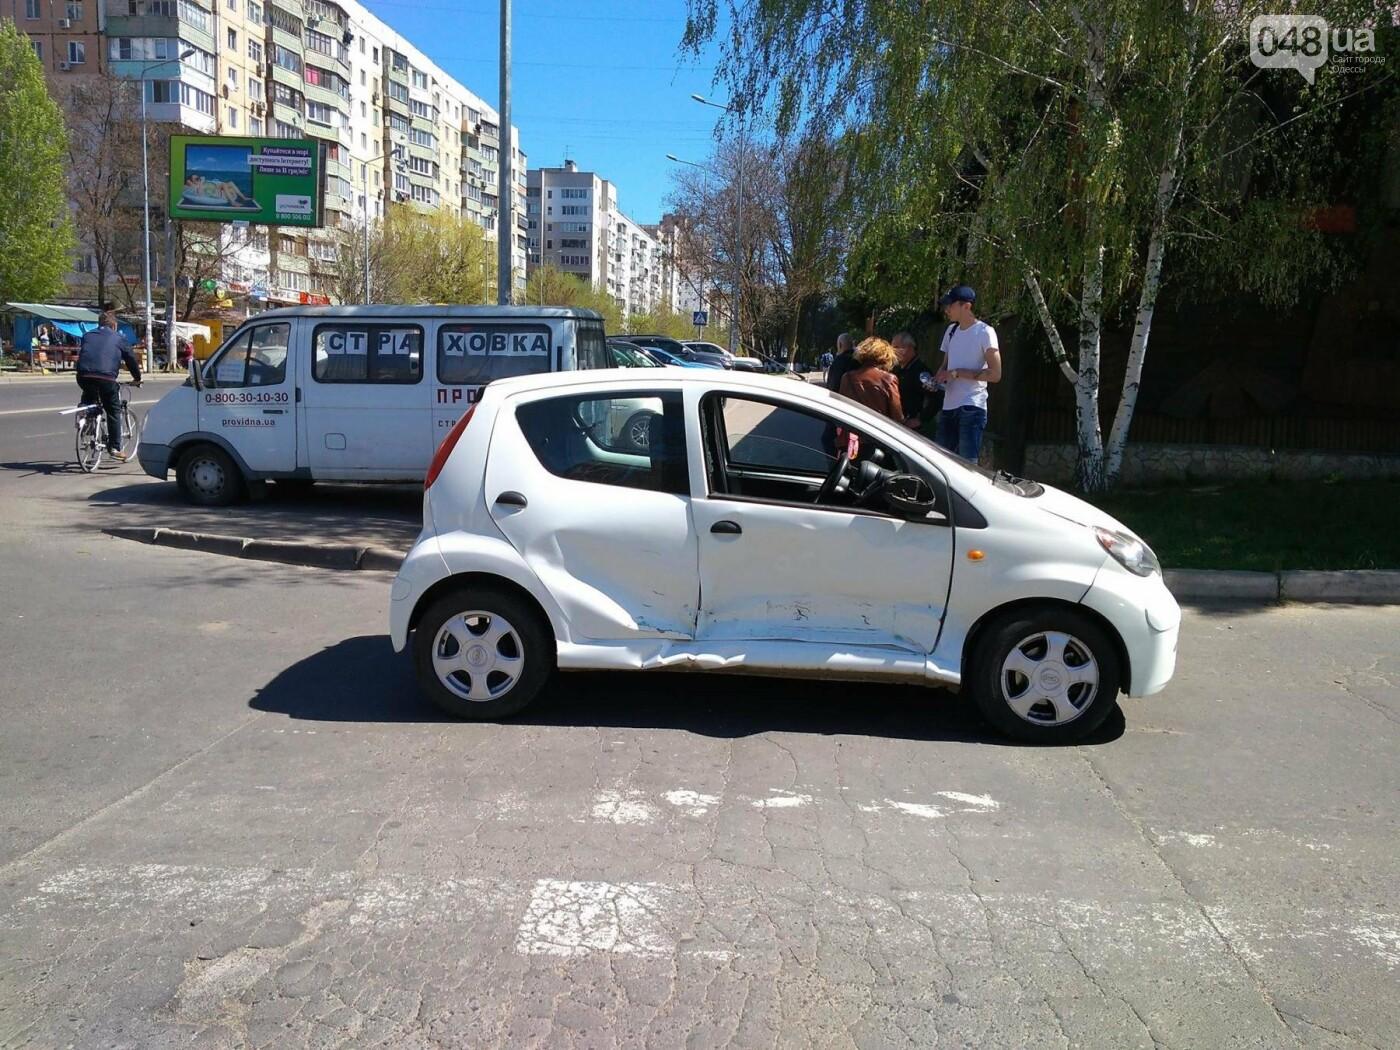 На Котовского в Одессе огромный джип протаранил маленькую женскую машинку (ФОТО), фото-3